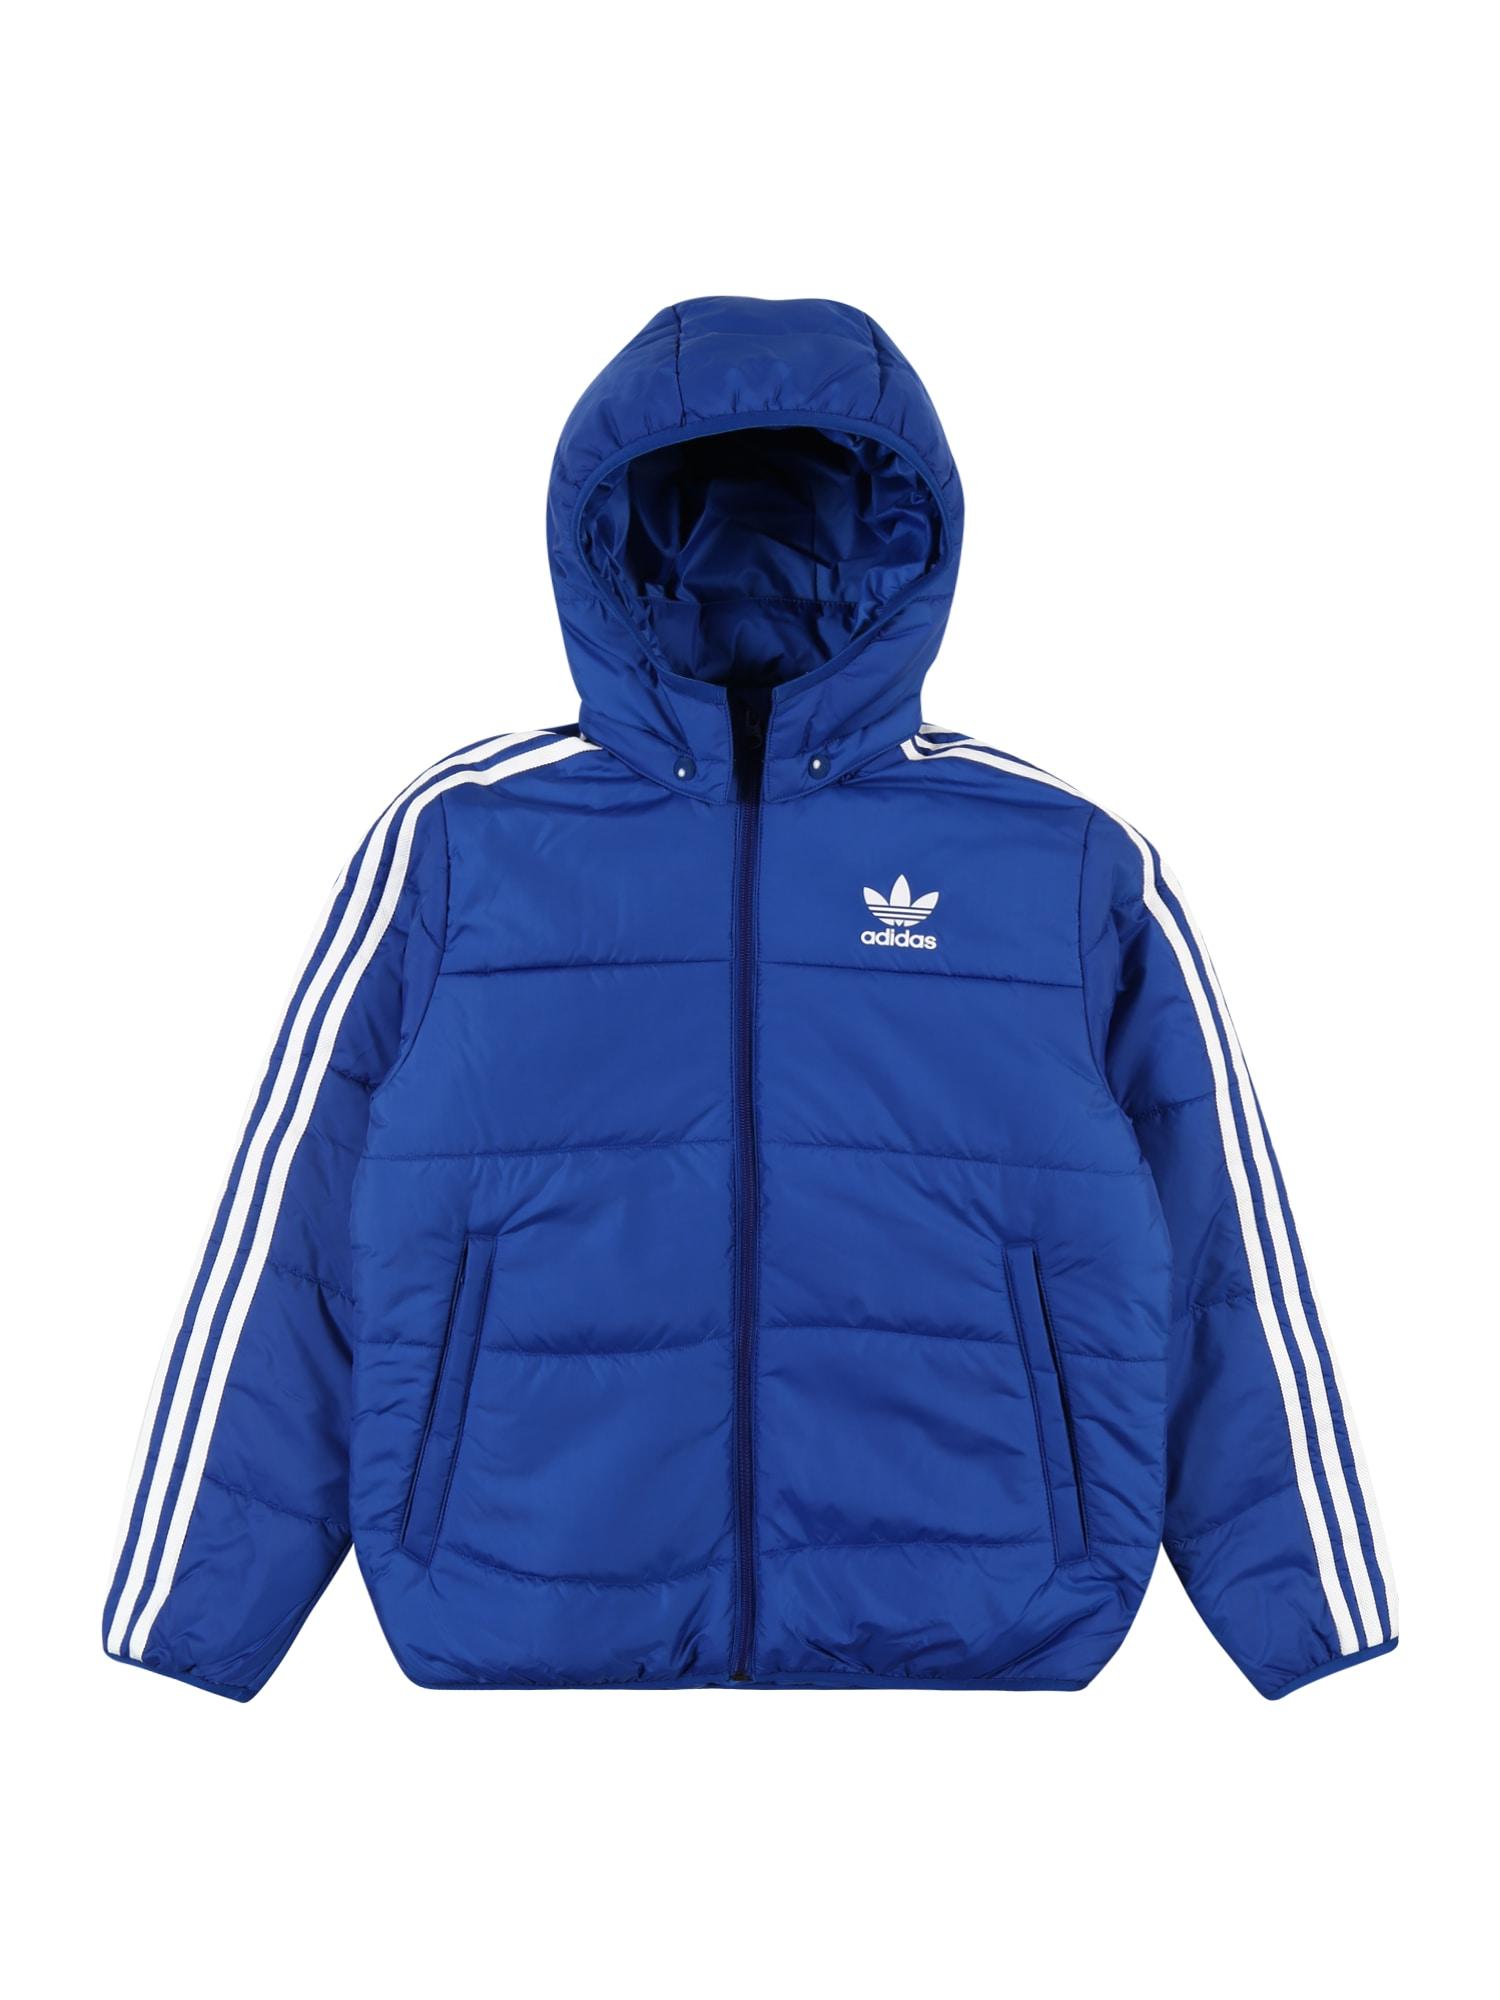 ADIDAS ORIGINALS Žieminė striukė mėlyna / balta